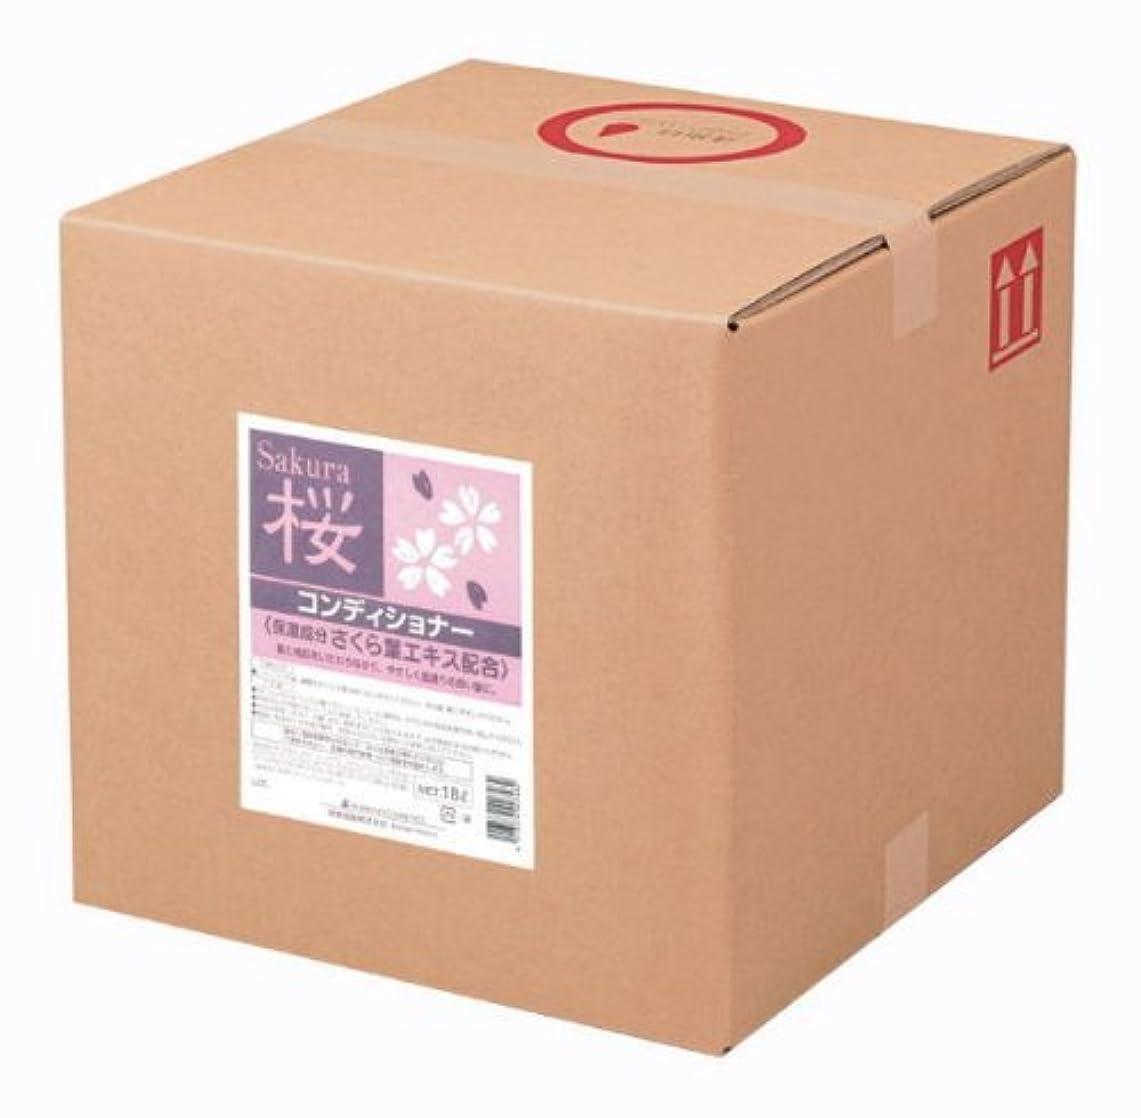 まあみなす句読点熊野油脂 業務用 桜 コンディショナー 18L